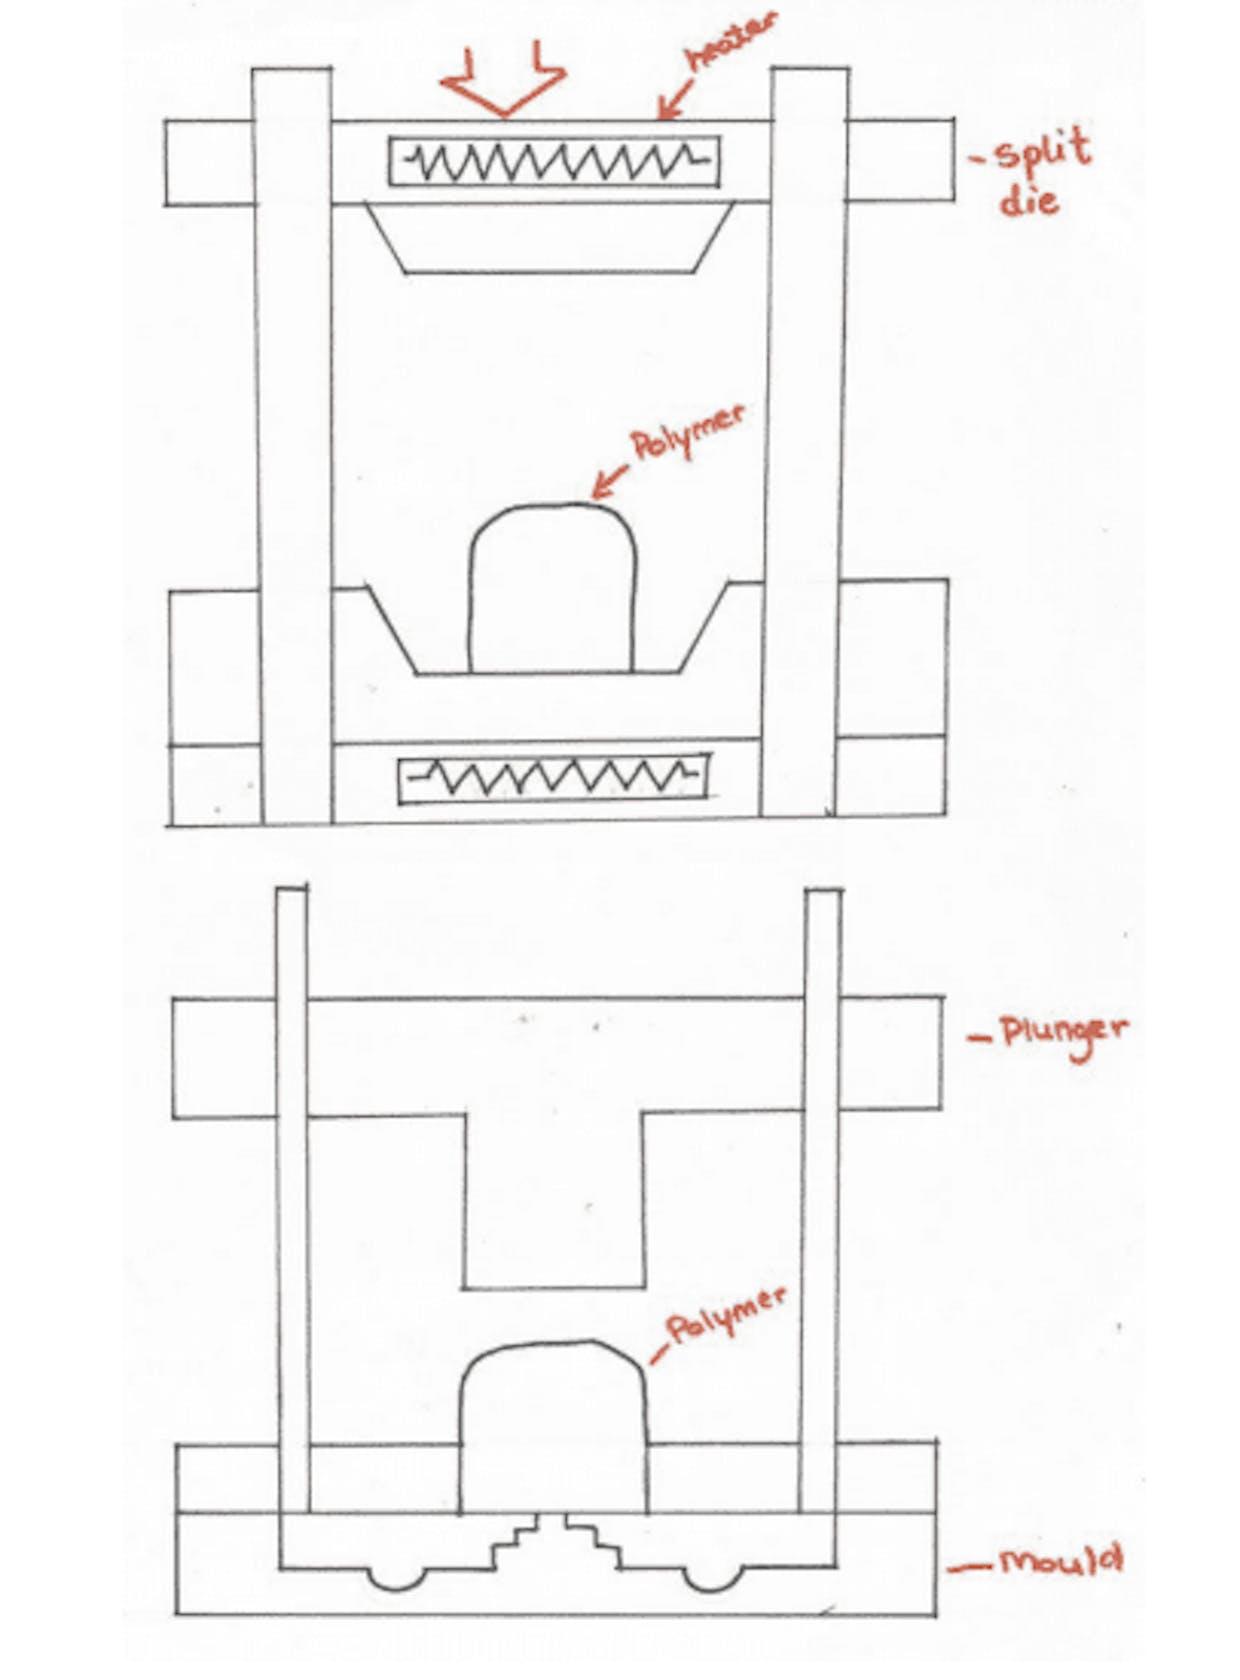 Compression moulding (above) & Transfer moulding (below)